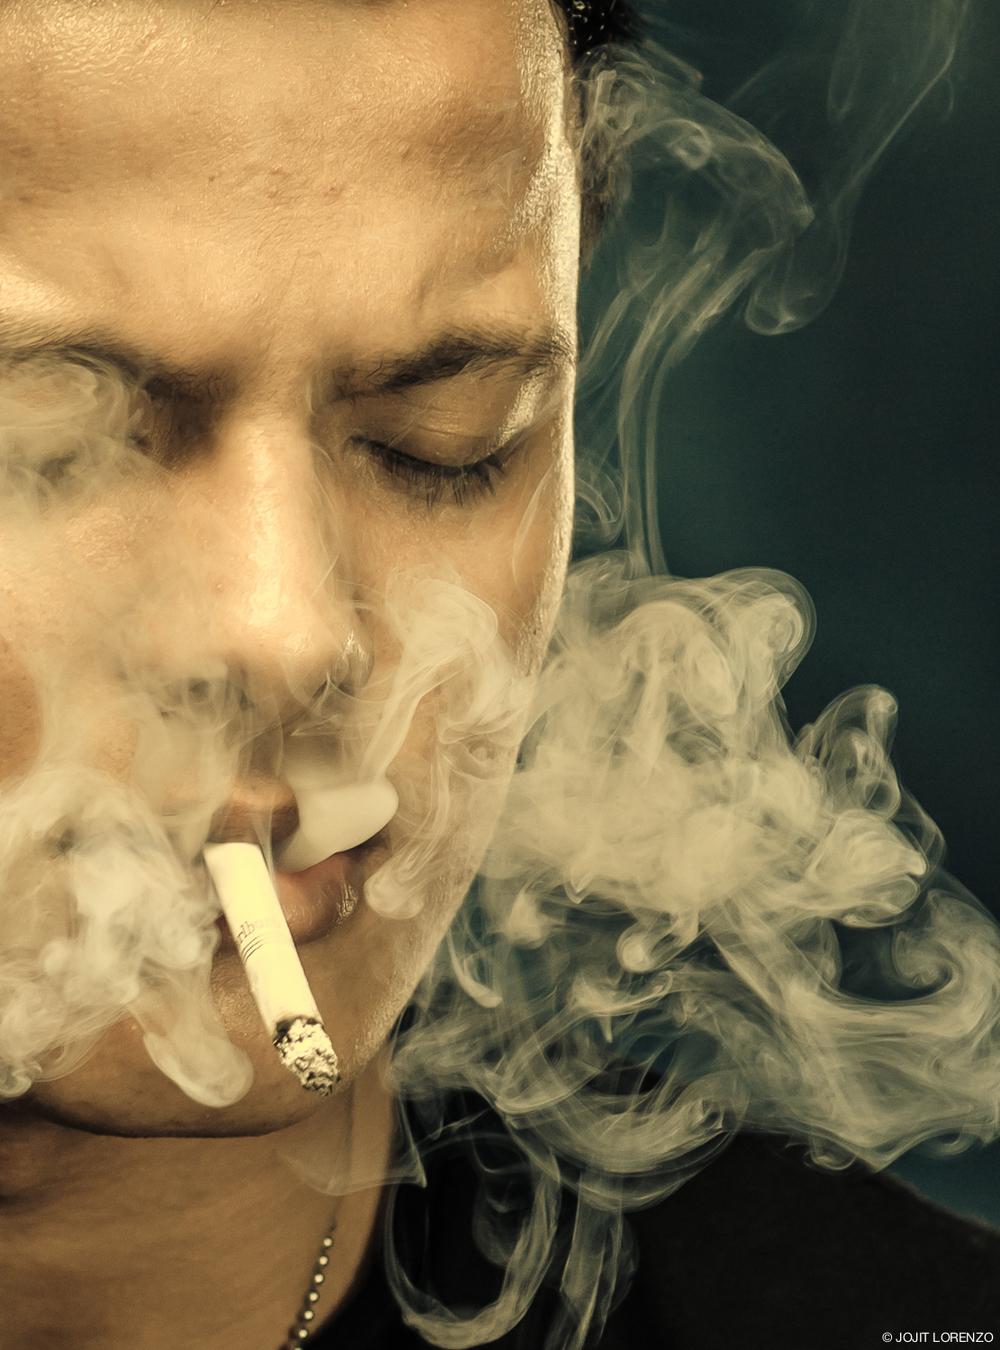 #marlboro #smoker